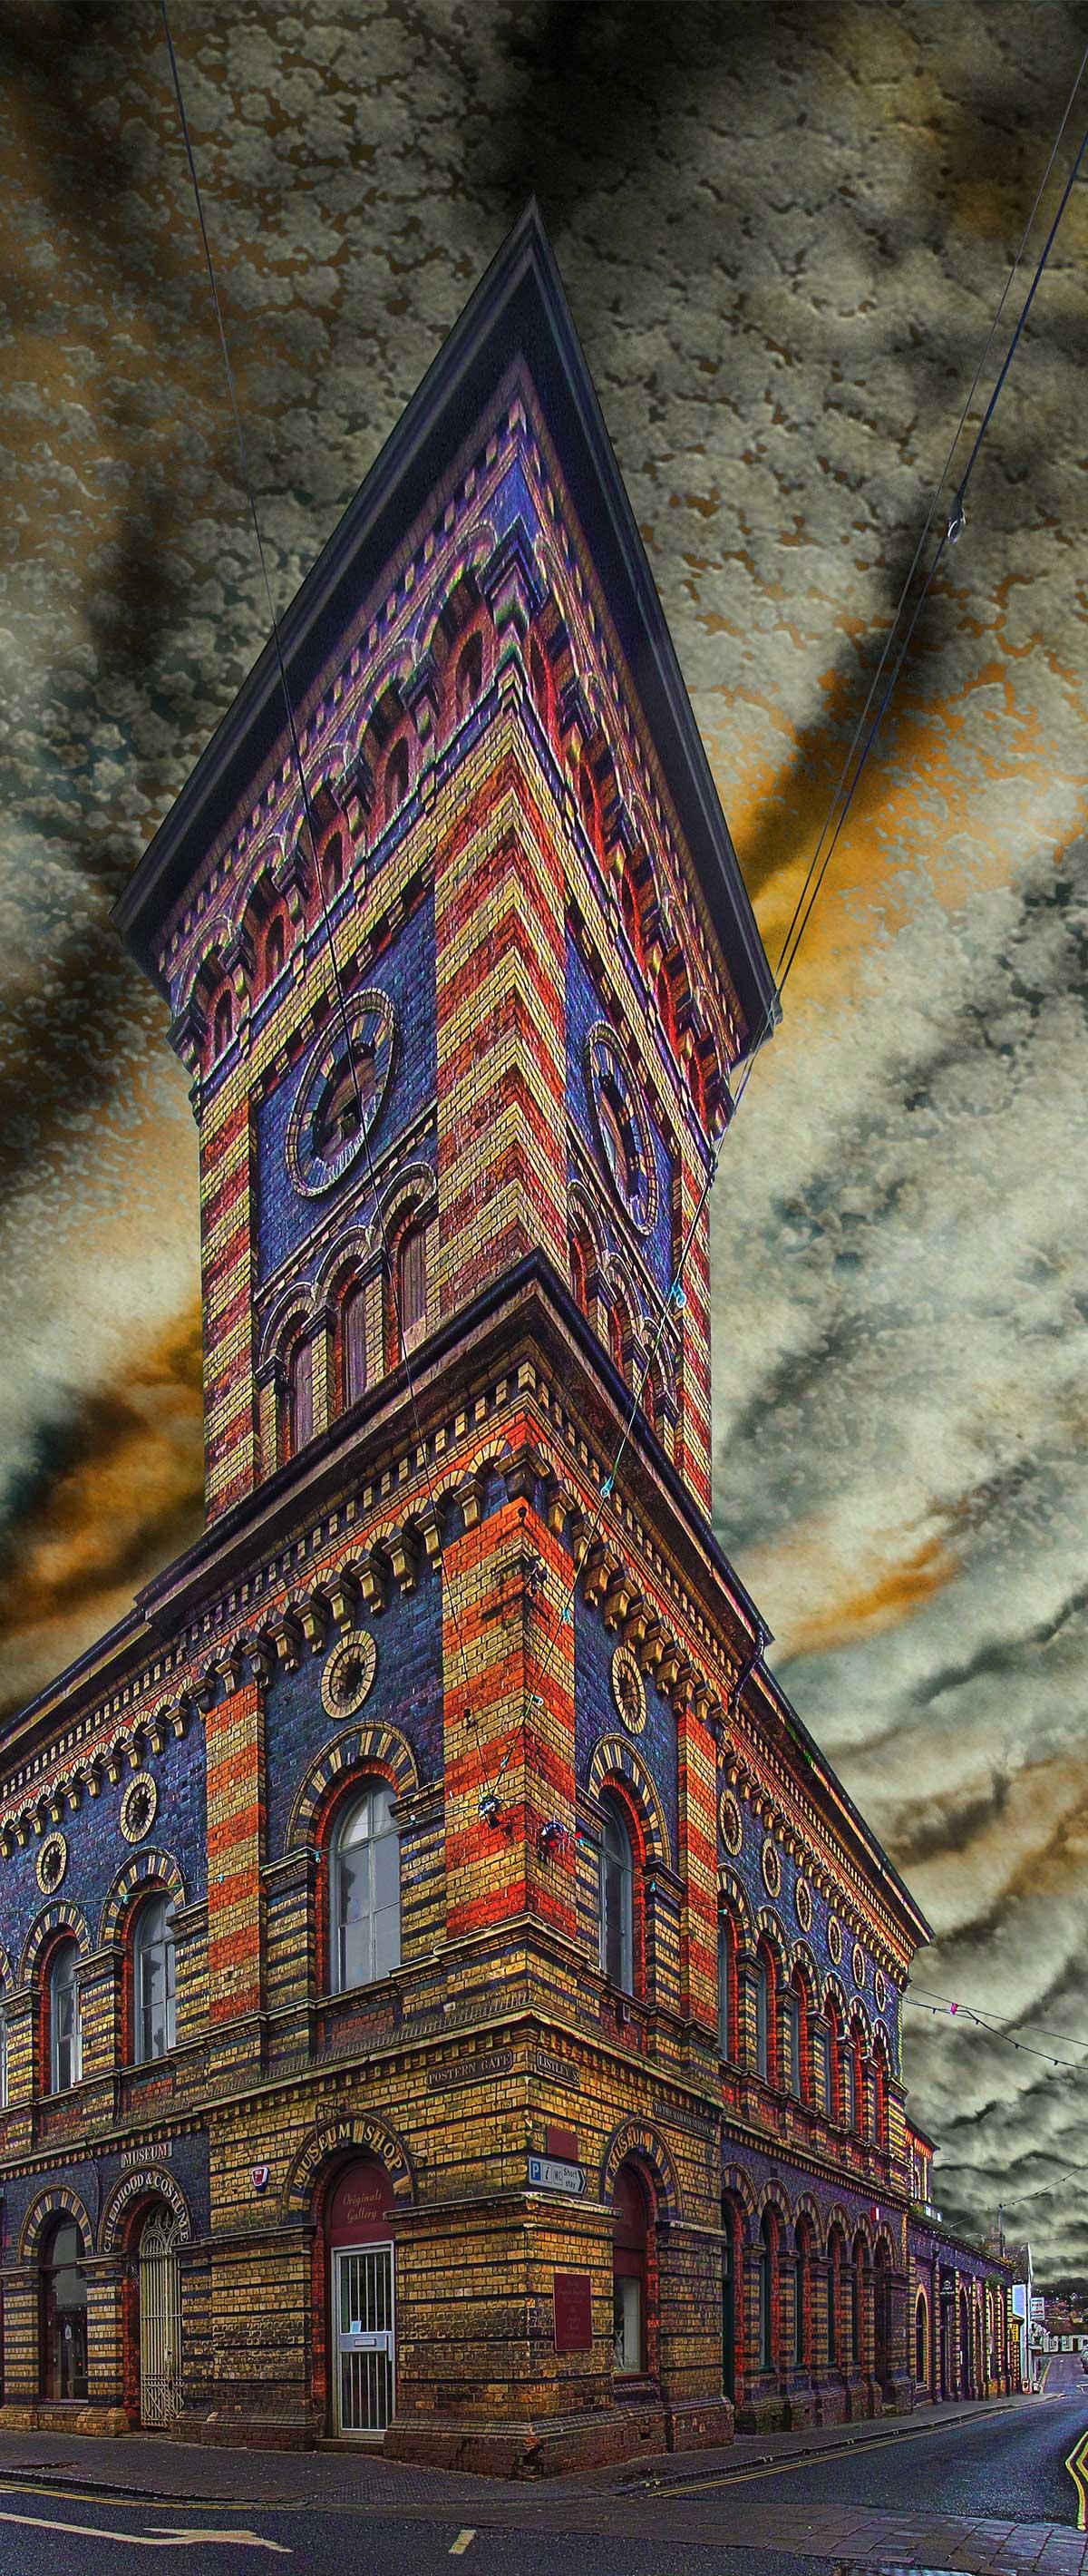 Bridgnorth New Market Hall on Postern Gate - tall